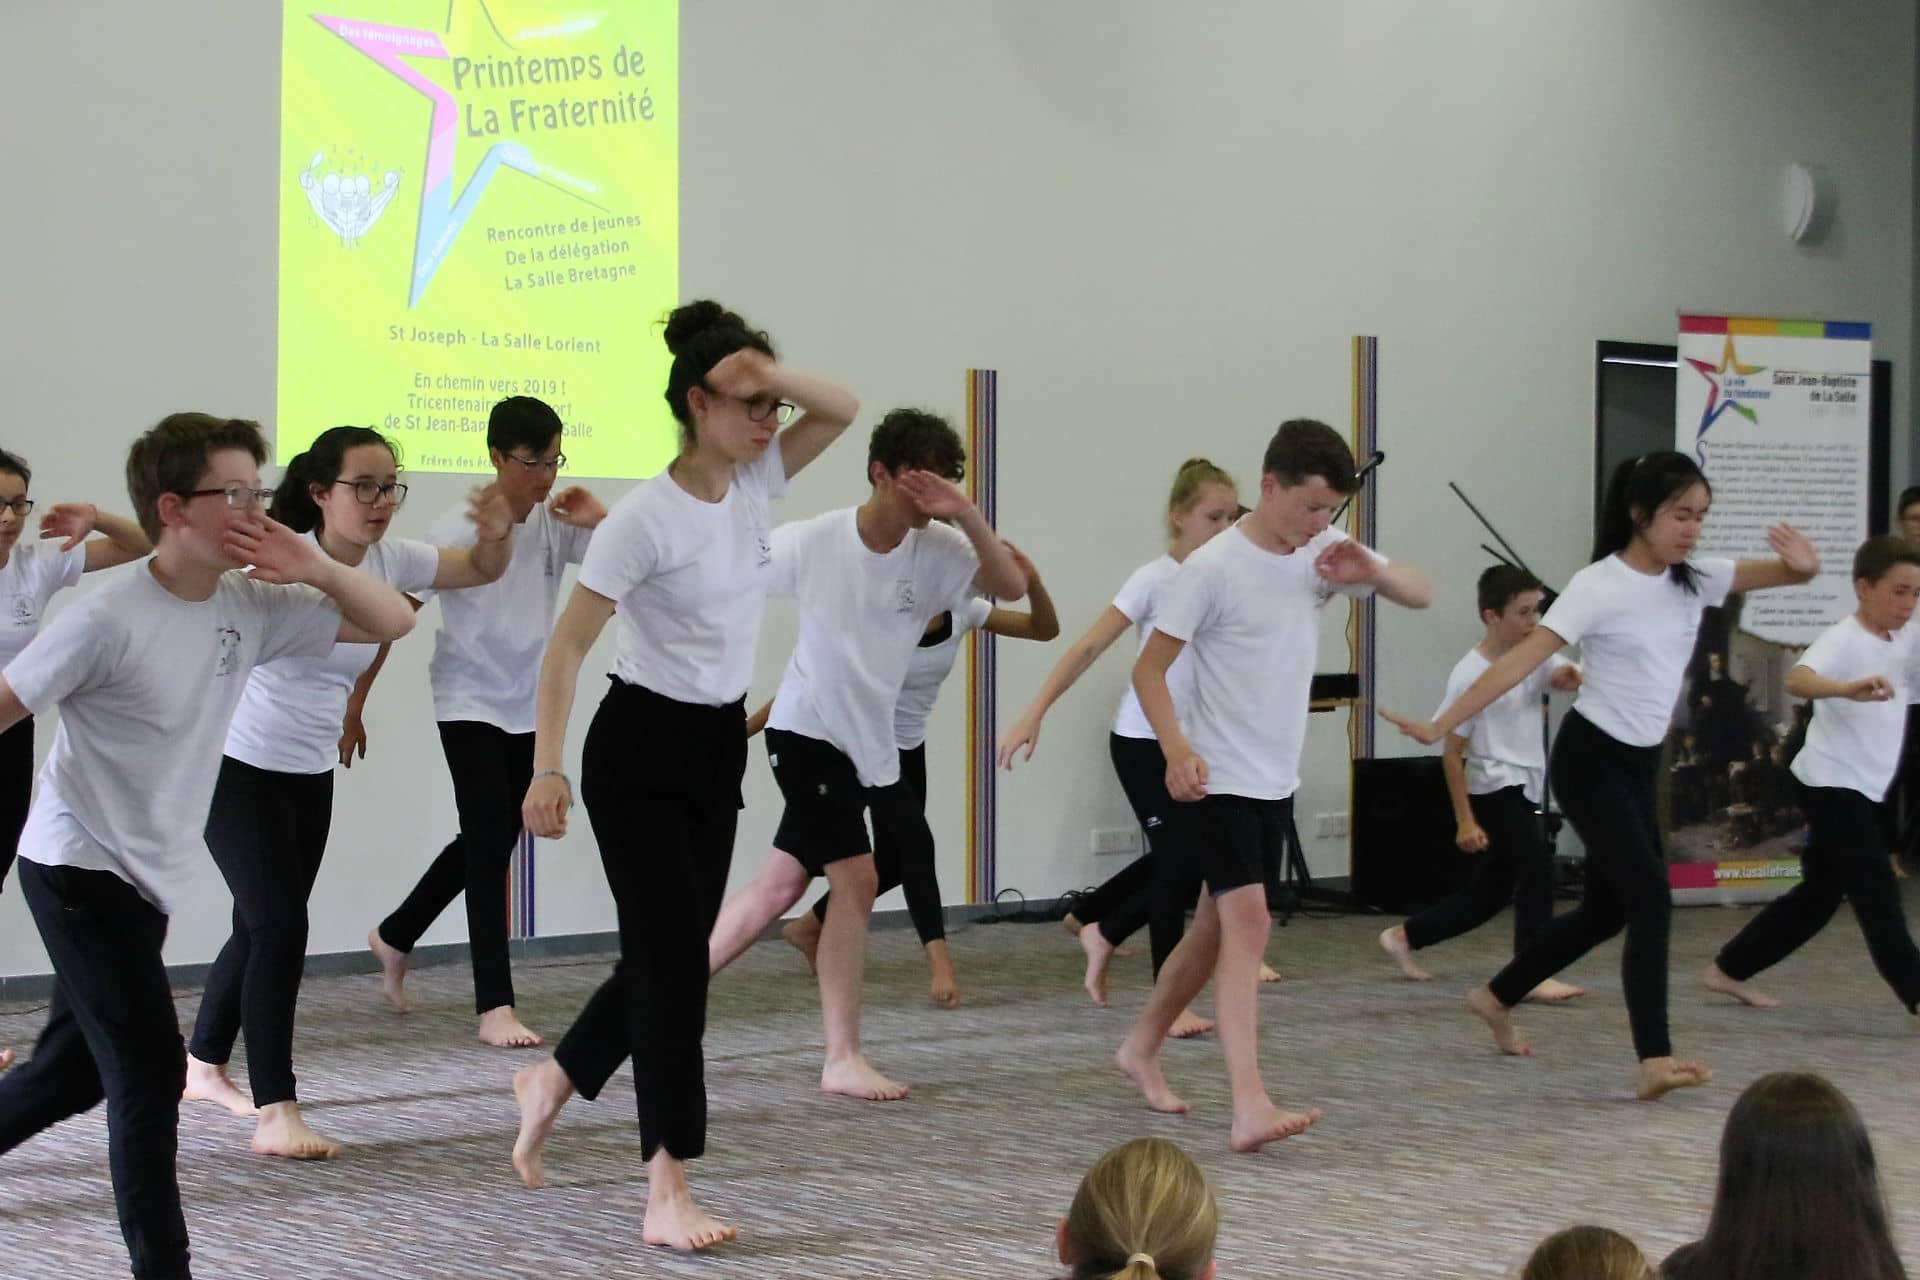 Démonstration de capoeira par des élèves lors du « Printemps de la Fraternité » au collège-Lycée St Joseph-La Salle de Lorient.